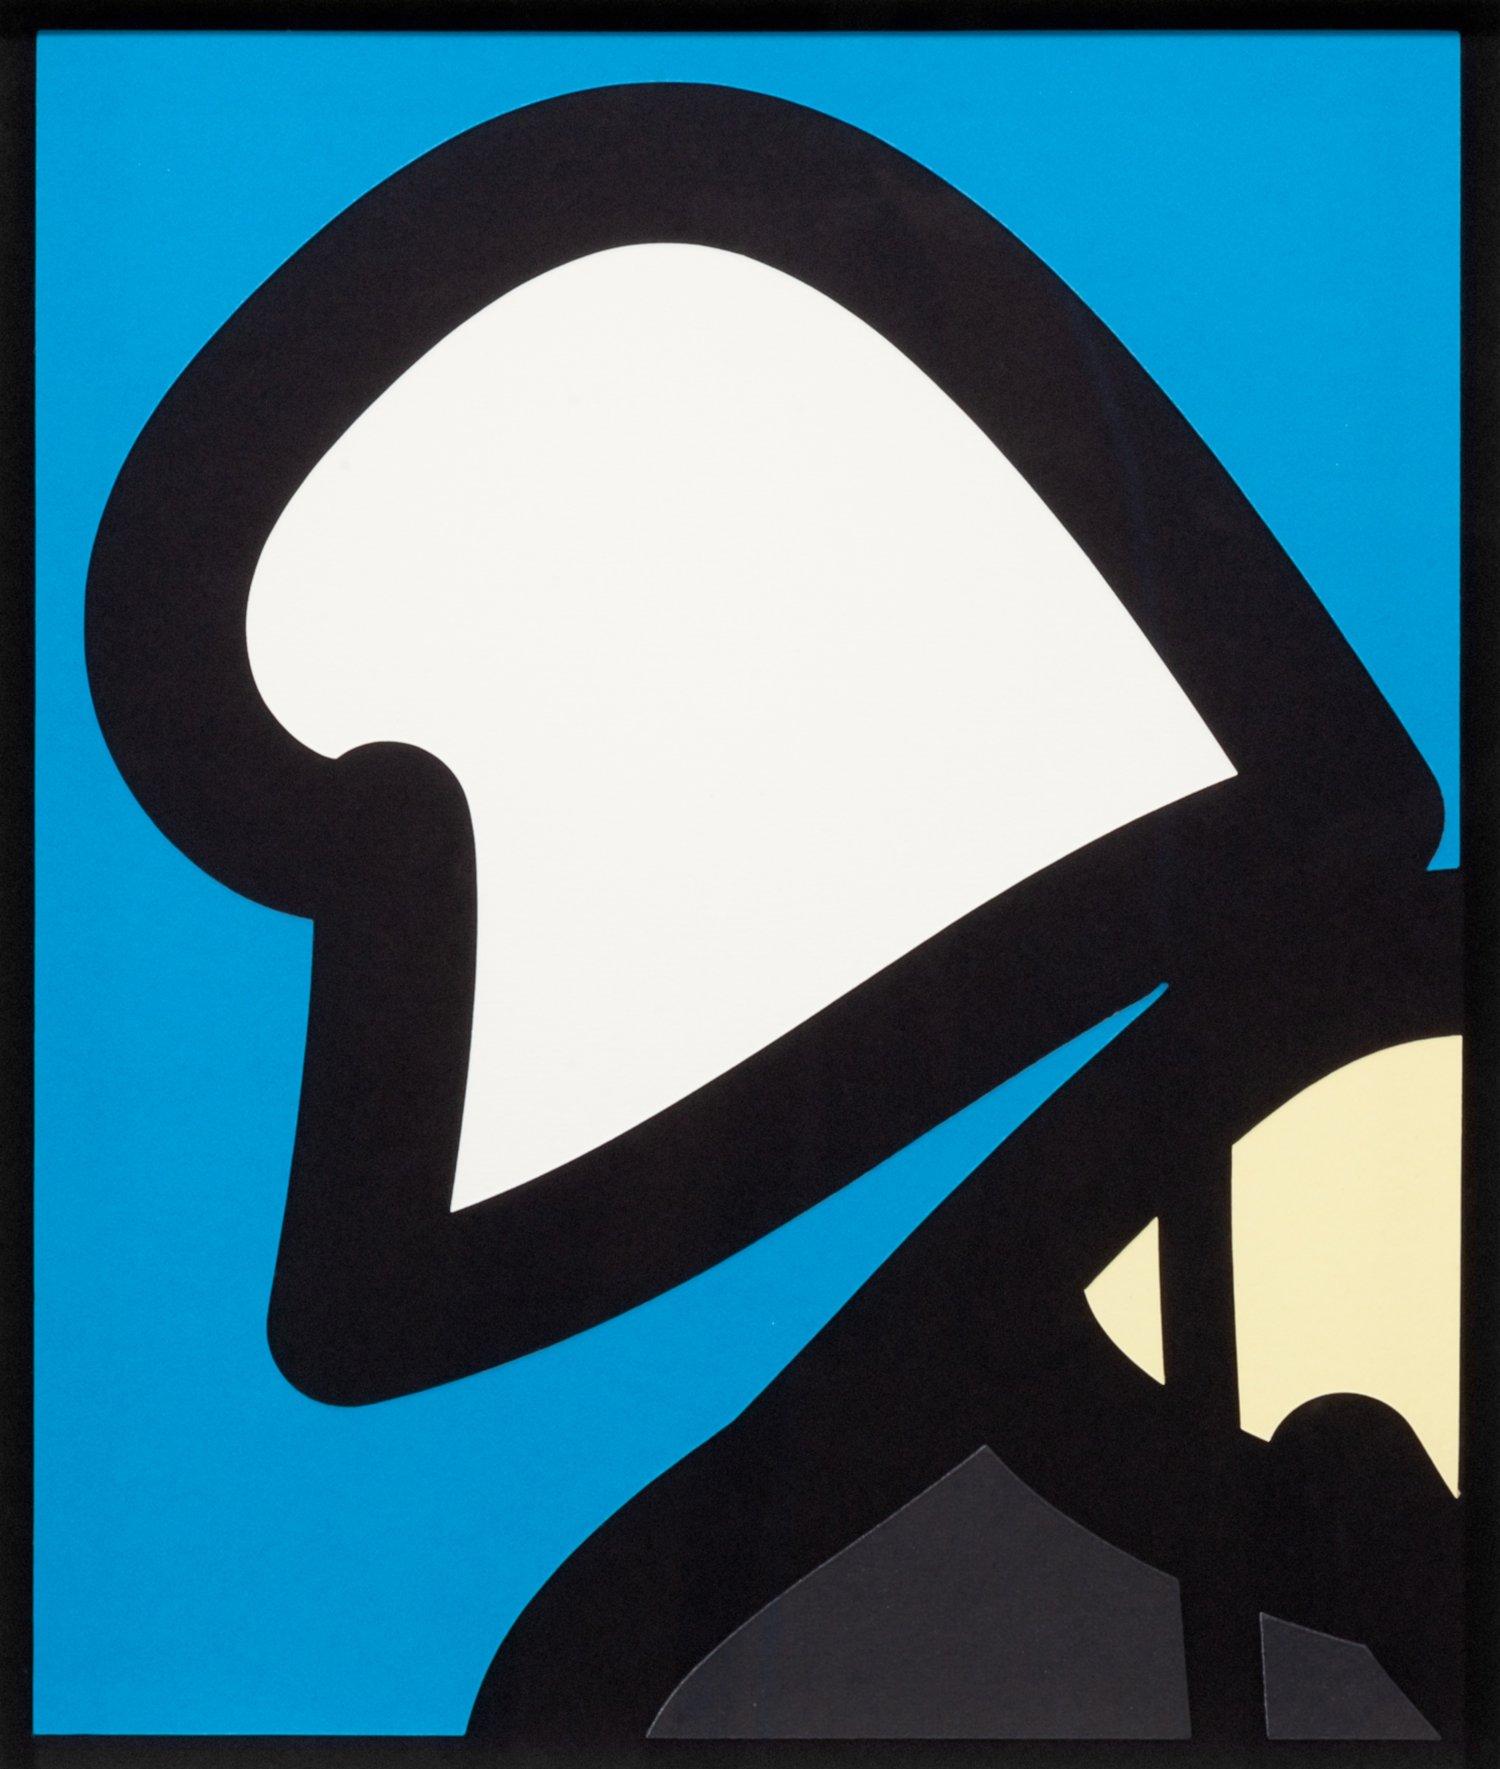 Beach head 8. Cut out poster